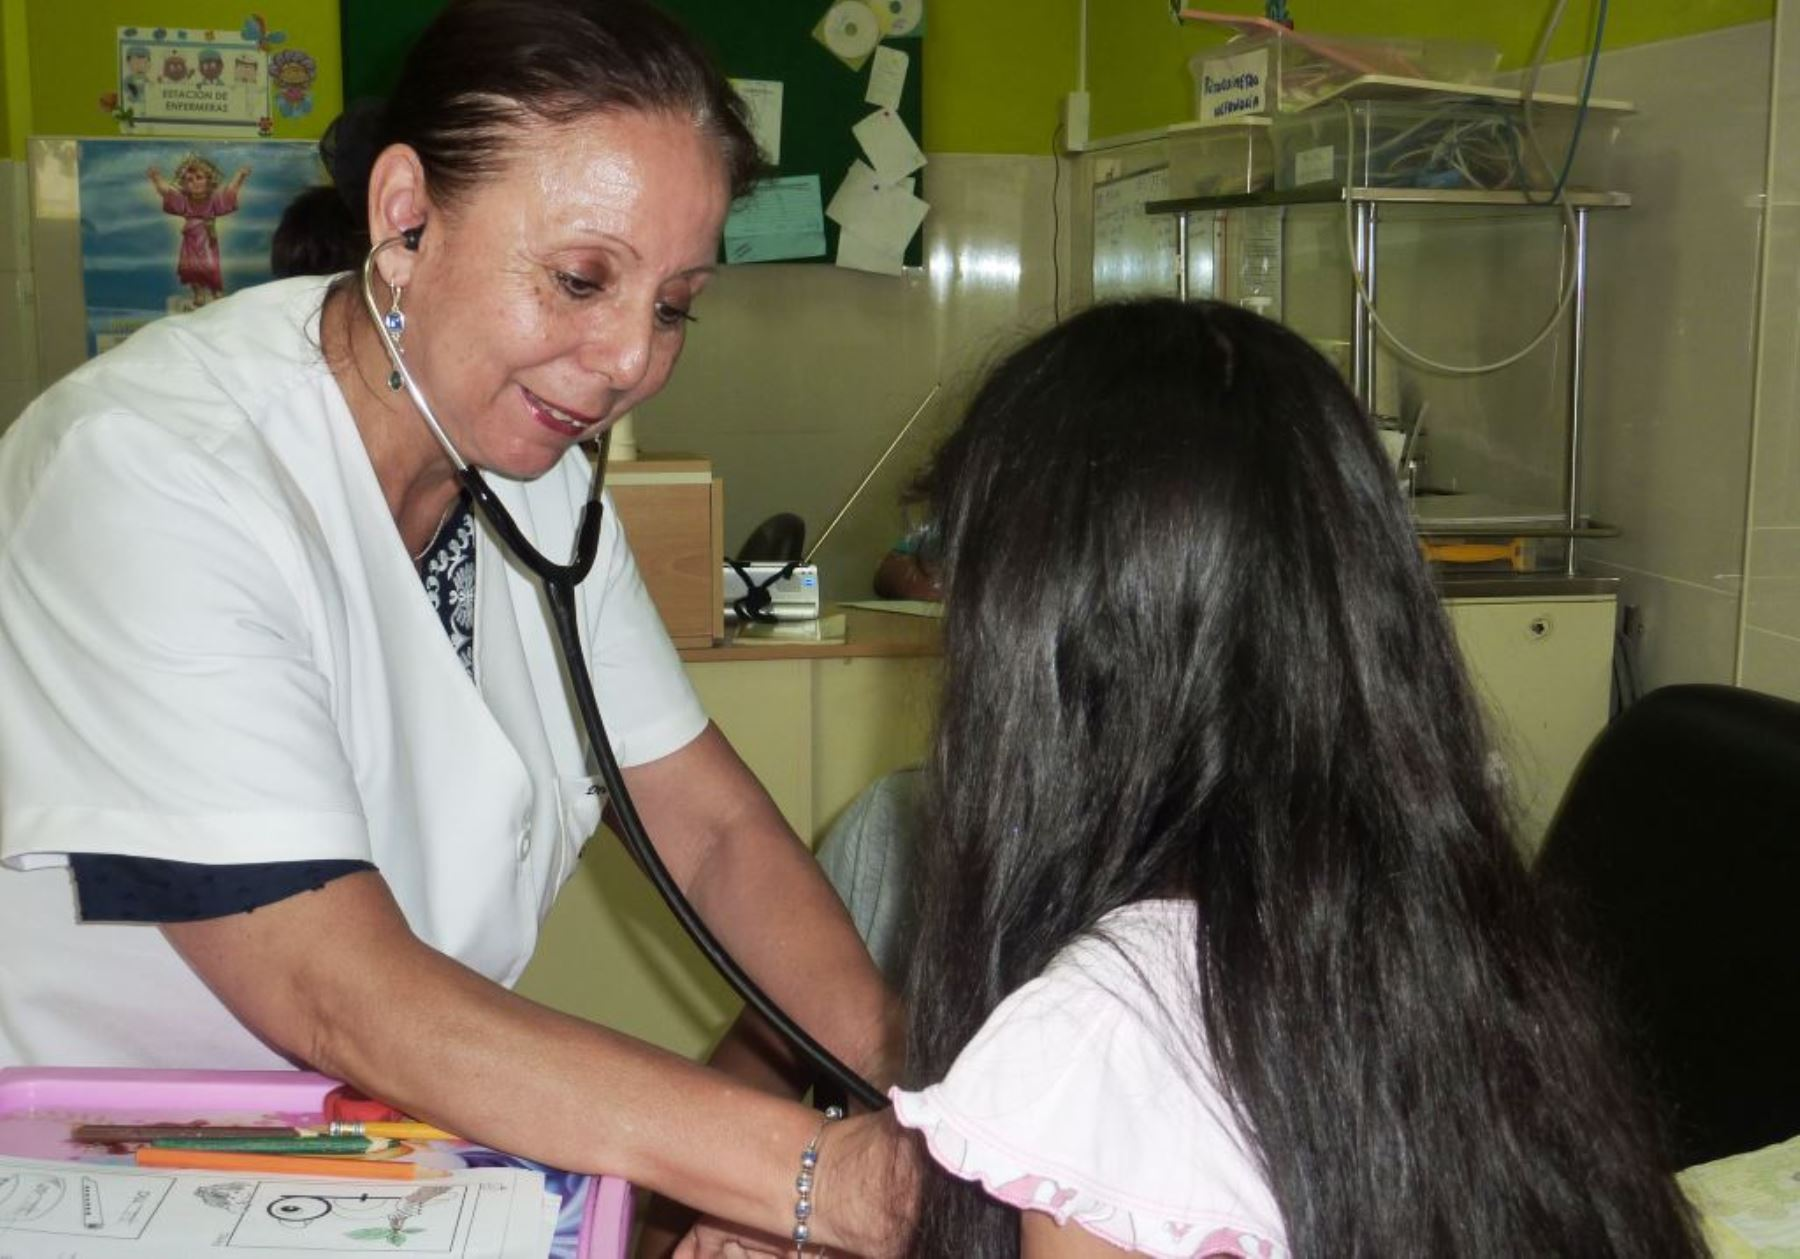 Las mujeres son más vulnerables a sufrir enfermedad renal. Foto: ANDINA/Difusión